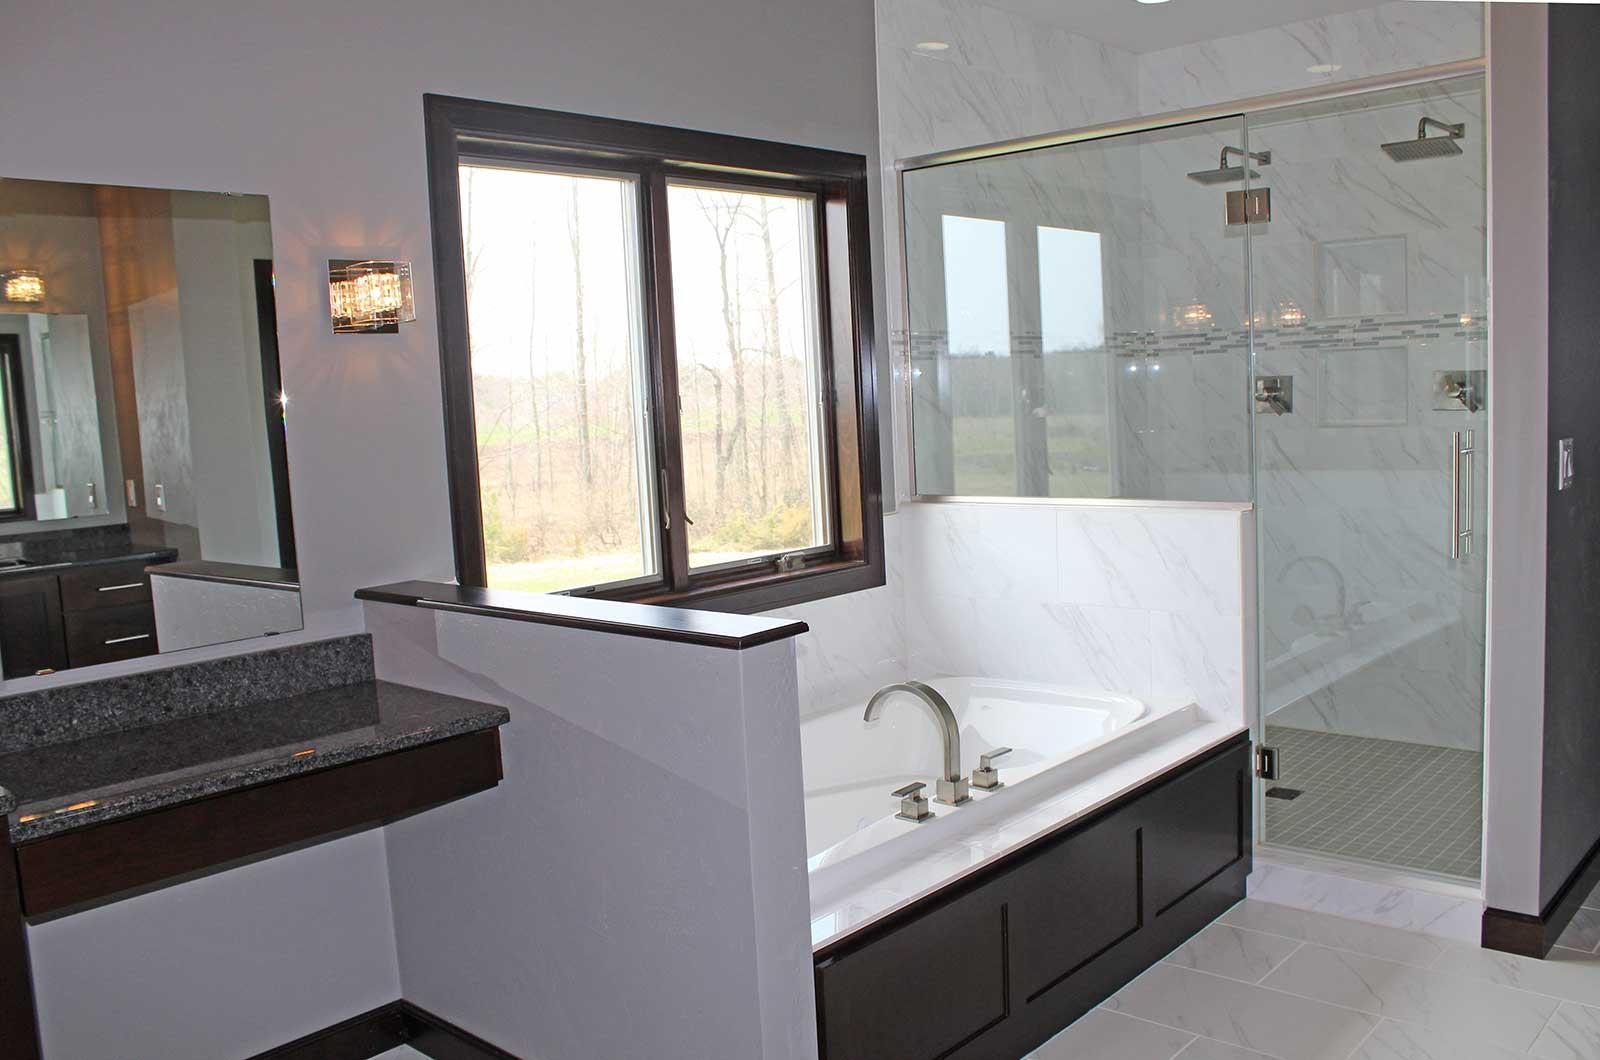 Bathrooms Portside Builders Bathroom Remodeling Ideas